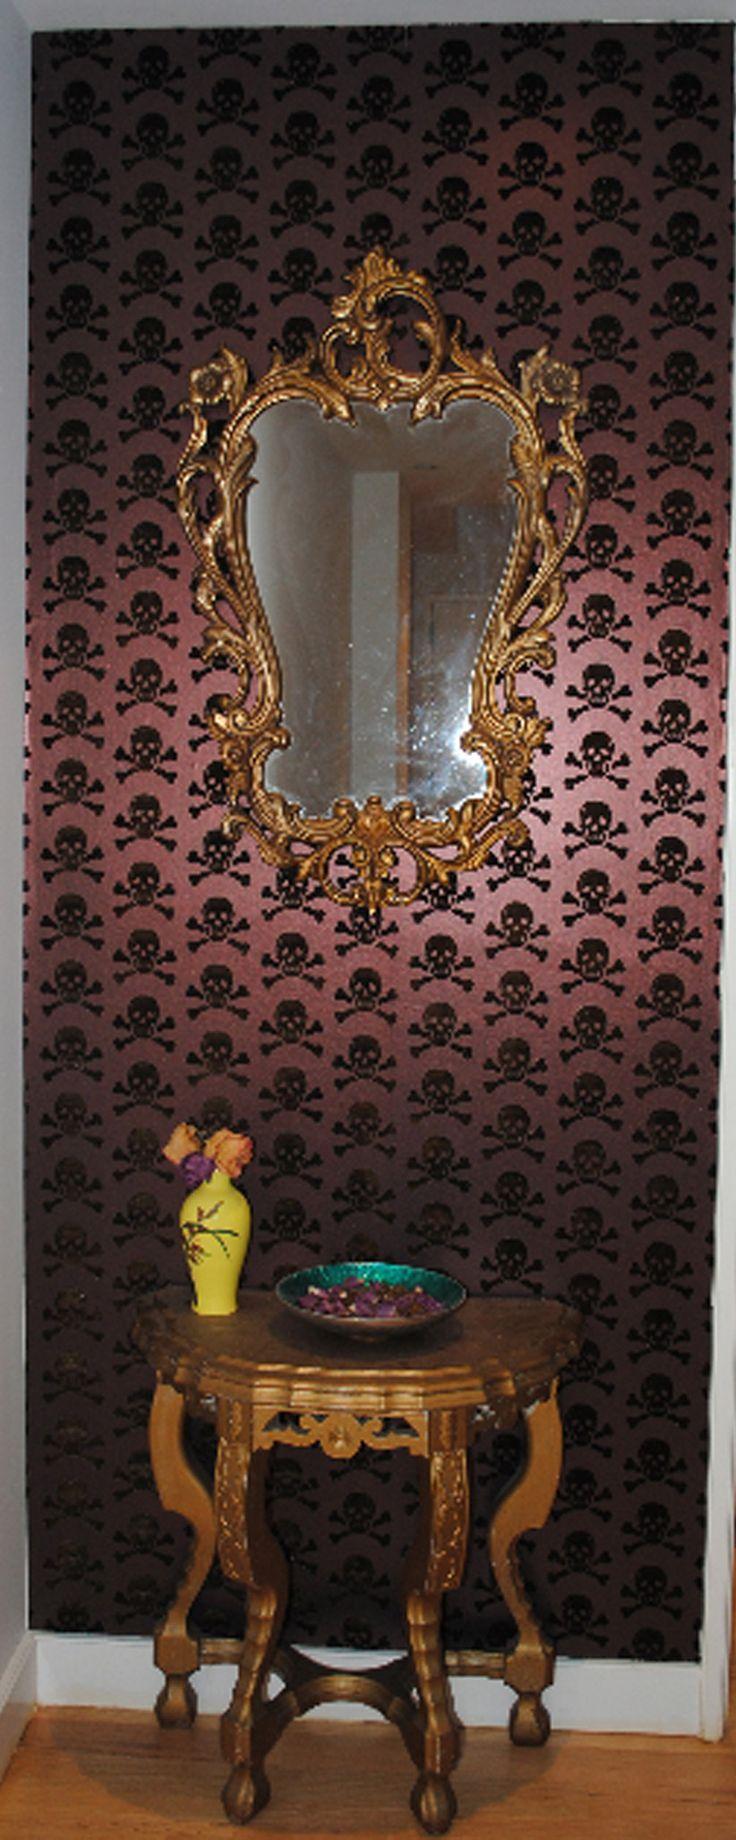 Skull Wallpaper For Bedroom 17 Best Images About Skulls Wallpaper On Pinterest London Skull